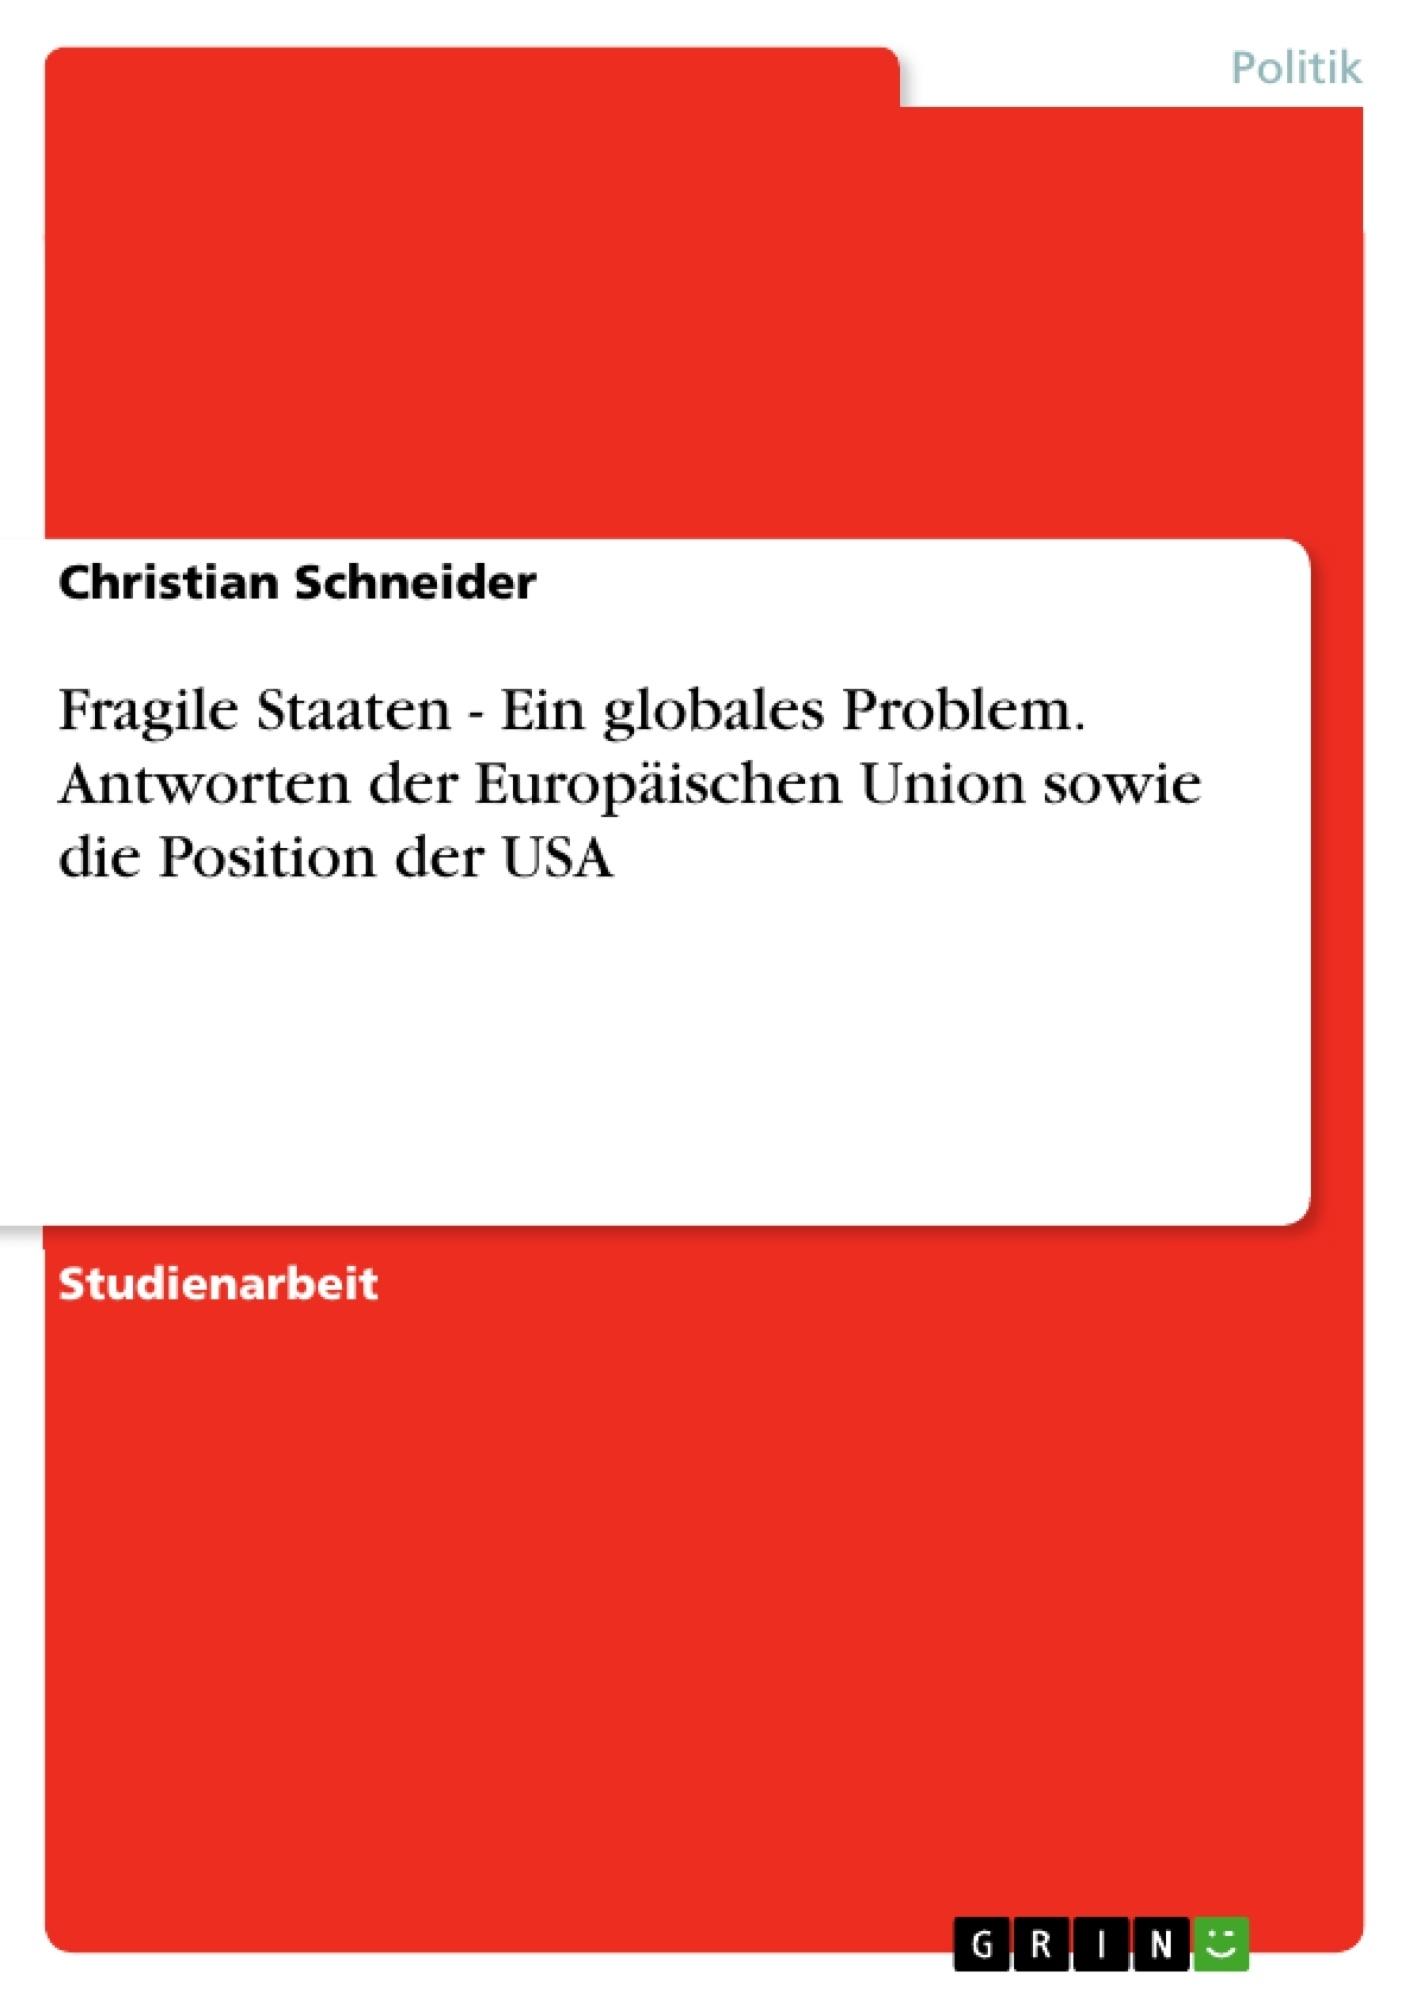 Titel: Fragile Staaten - Ein globales Problem. Antworten der Europäischen Union sowie die Position der USA